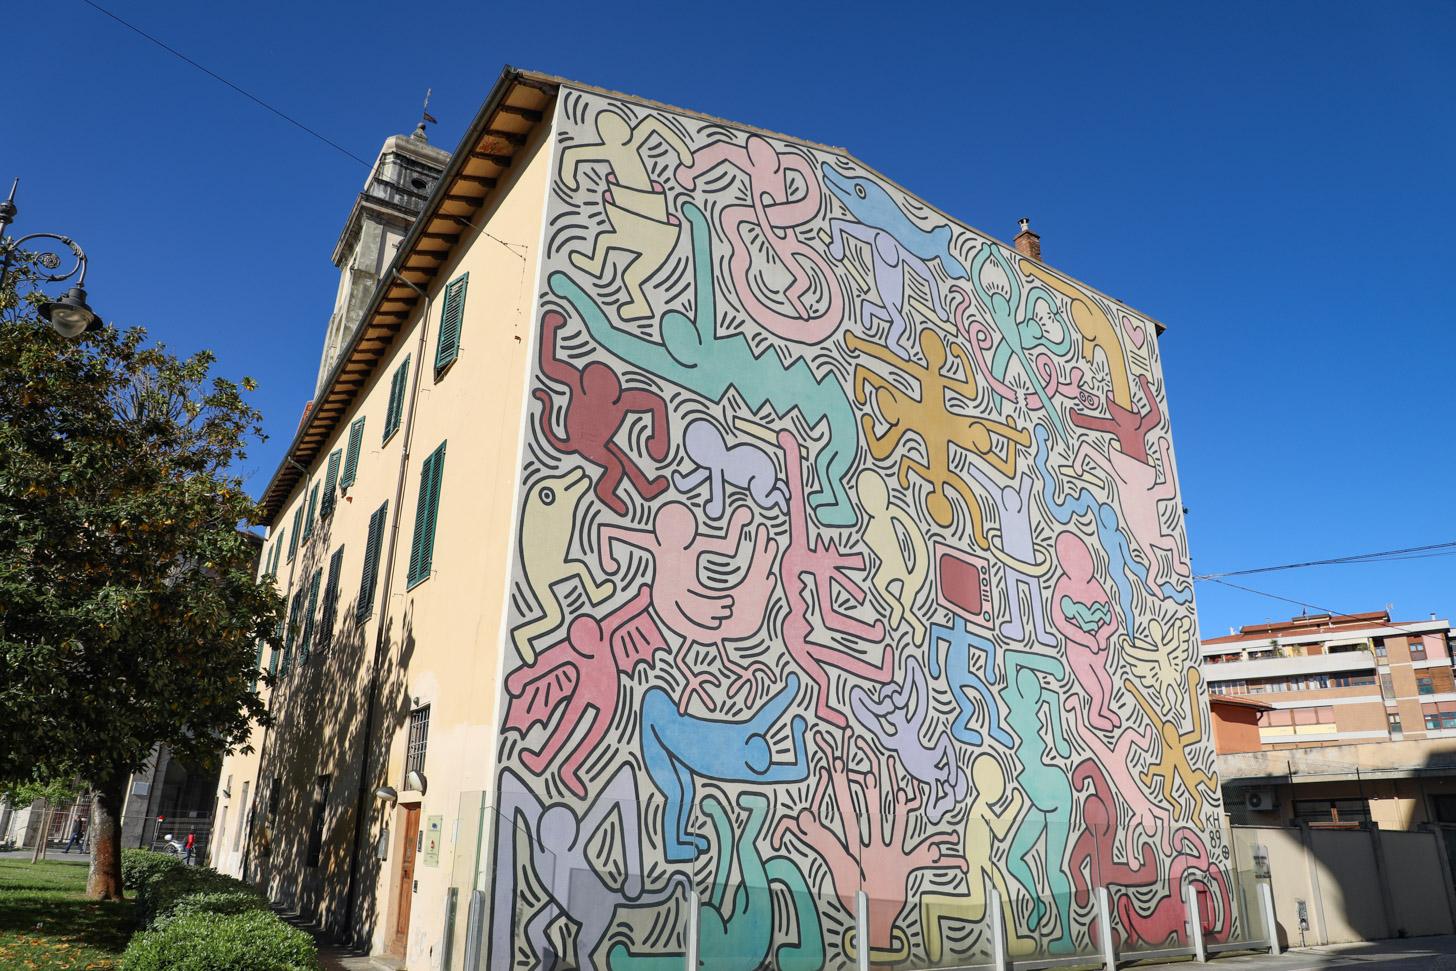 Muurschildering door Keith Haring